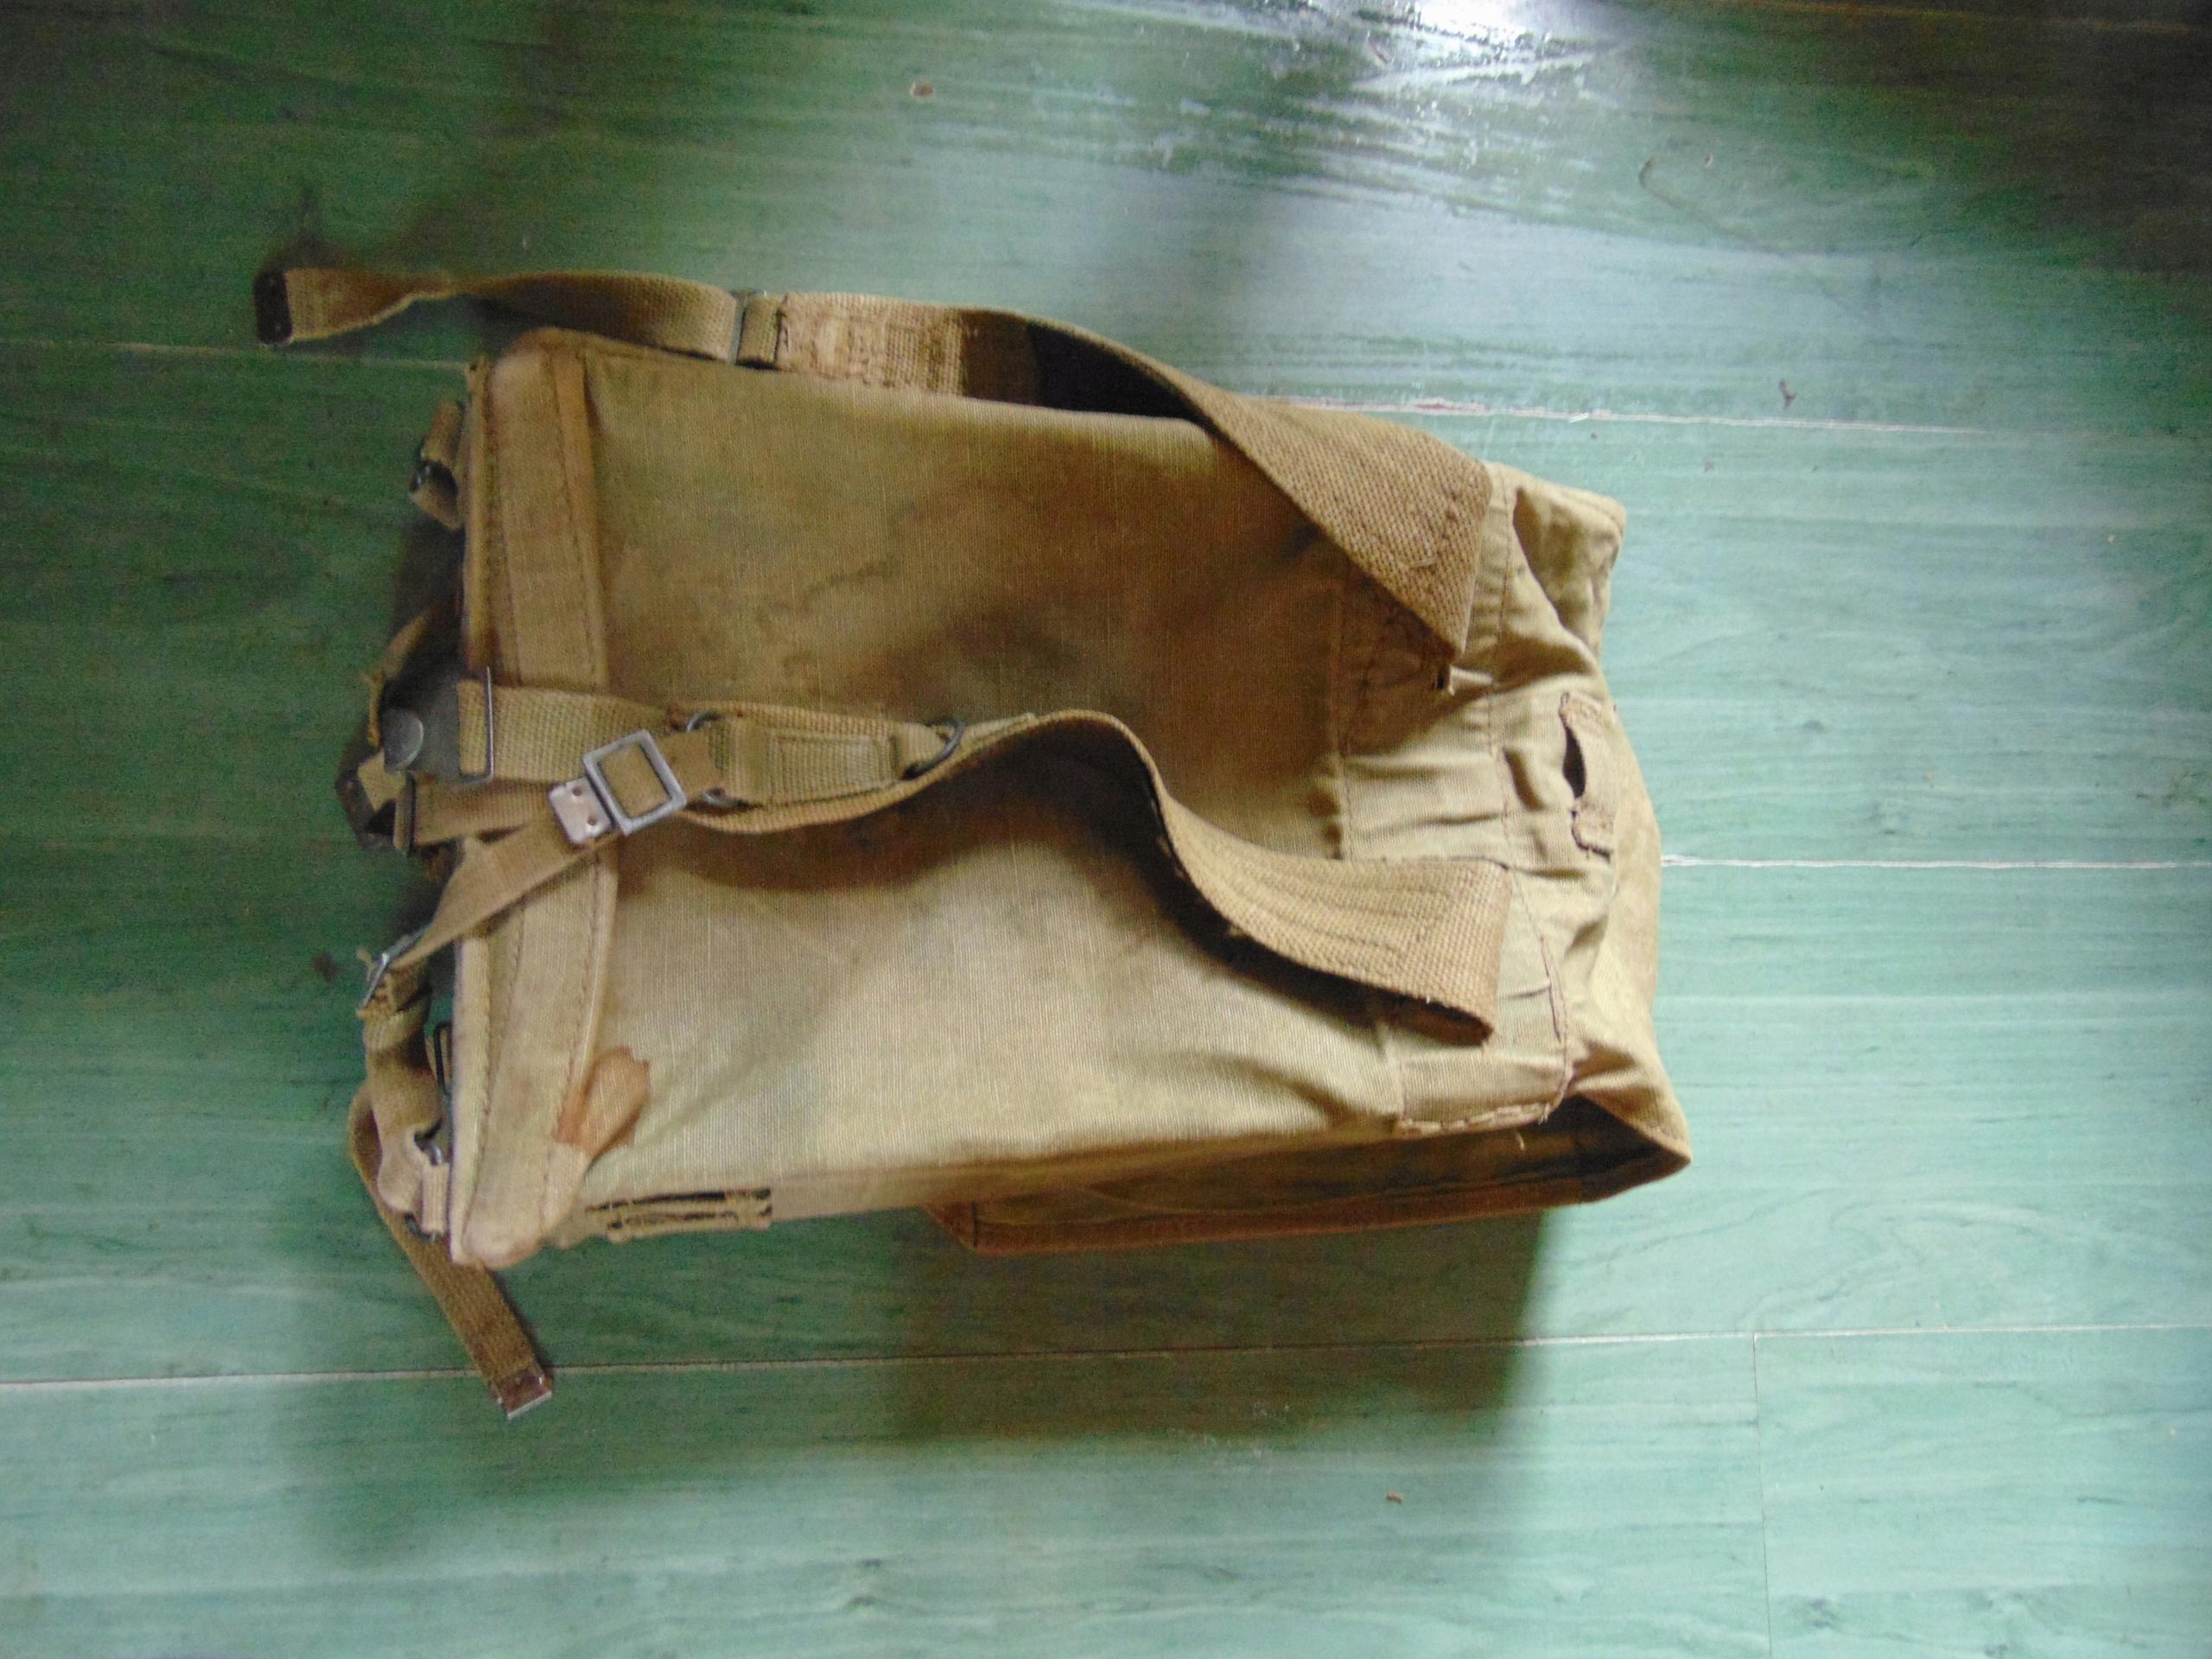 318e64abbc992 Tornister wzór 33 WP/LWP plecak kostka wczesny - 7591904588 - oficjalne  archiwum allegro